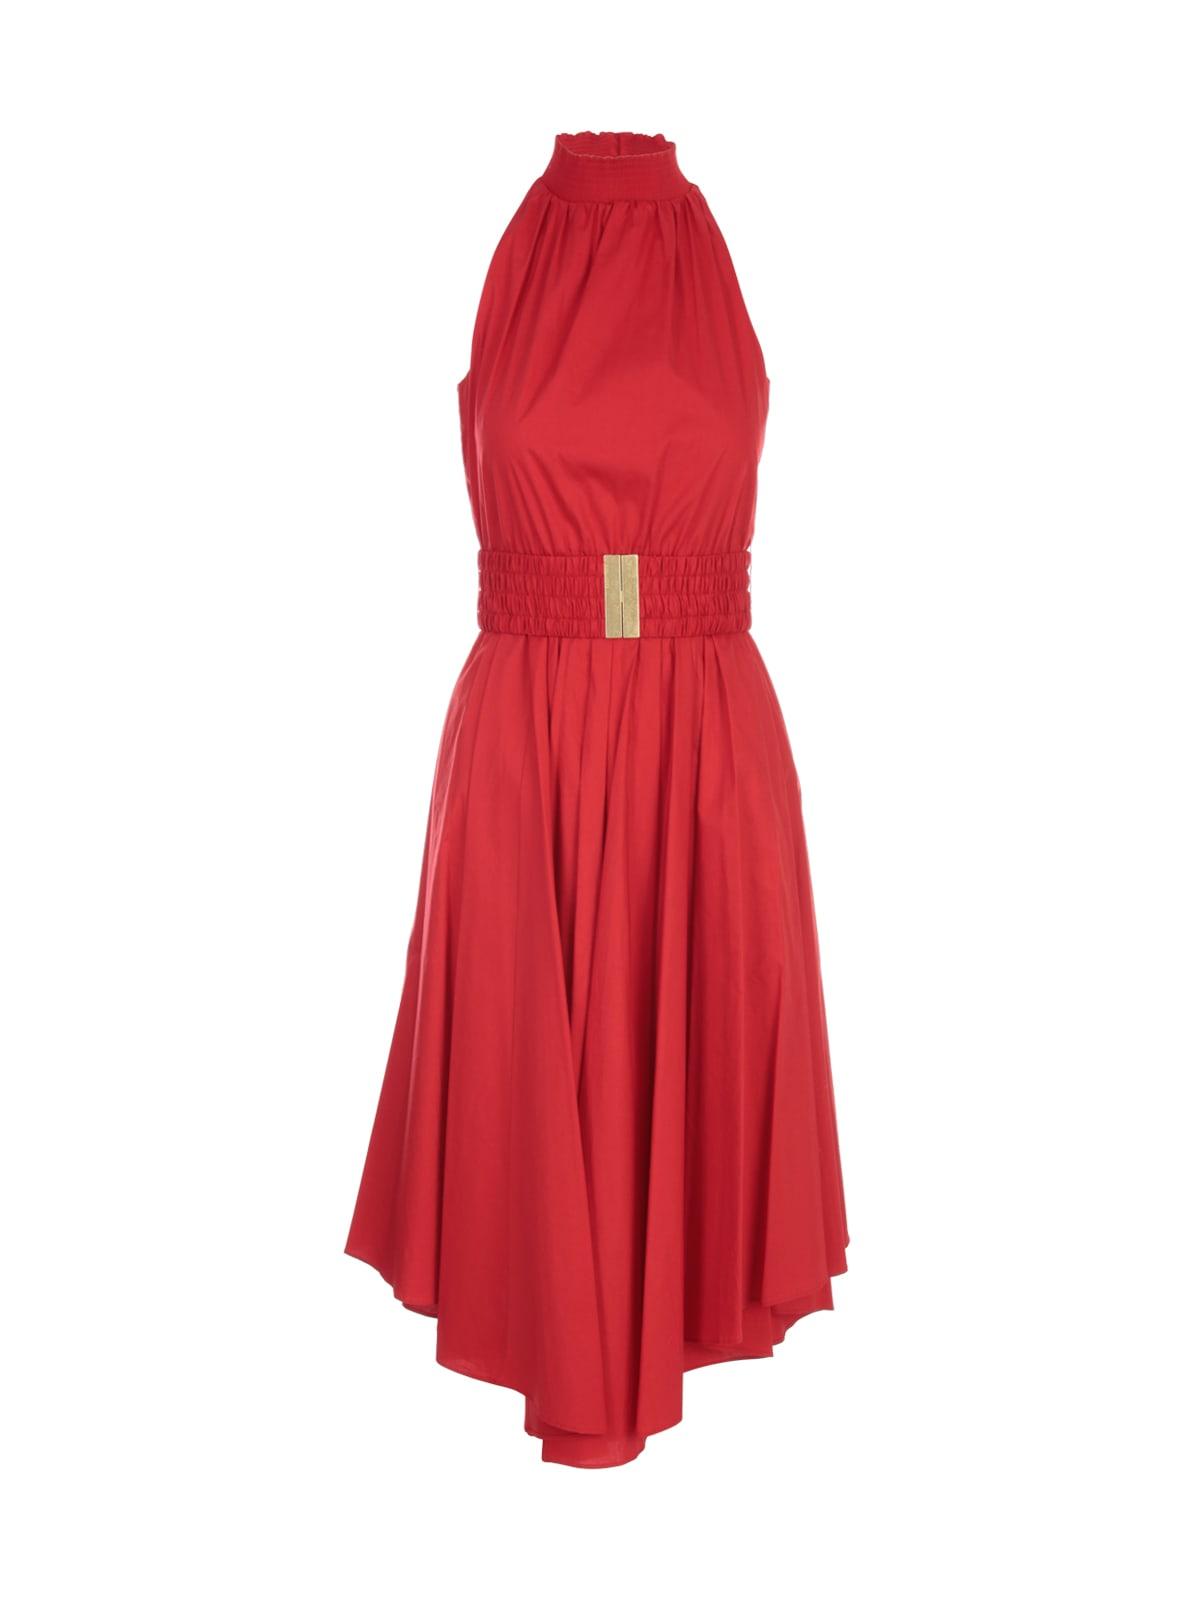 Michael Kors Halter Poplin Dress